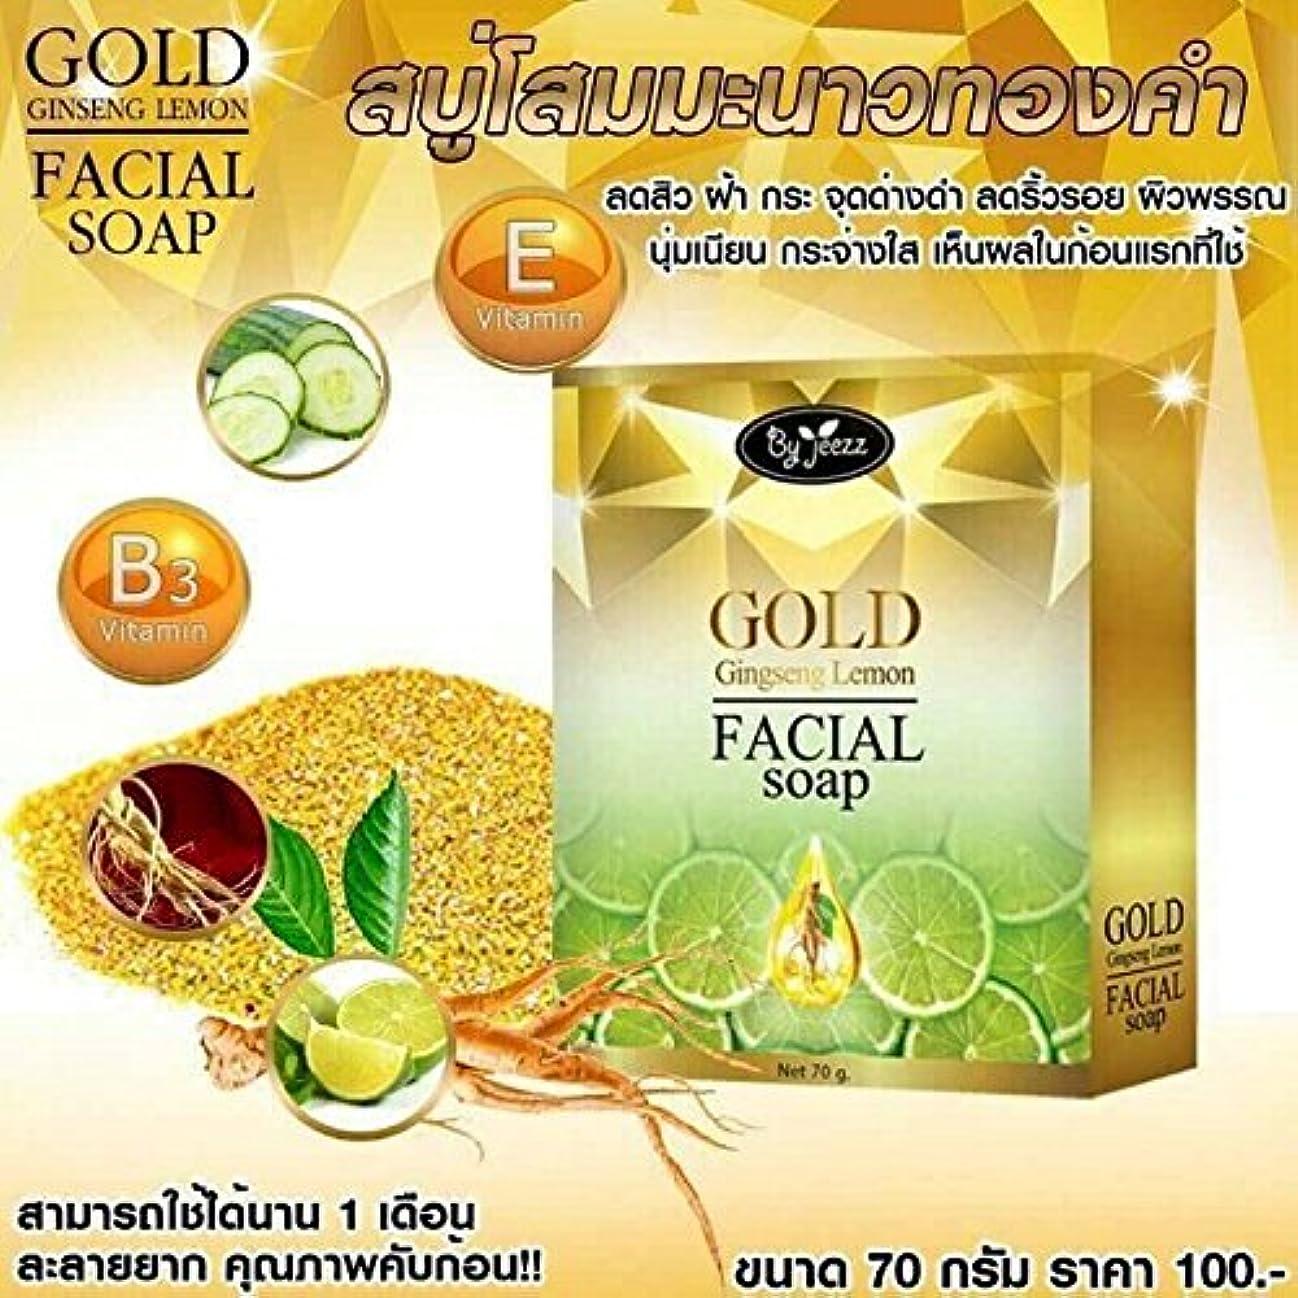 乳剤読みやすさ確立1 X Natural Herbal Whitening Soap. Ginseng Lemon Soap (Gold Ginseng Lemon Facial Soap by jeezz) 70 g. Free shipping